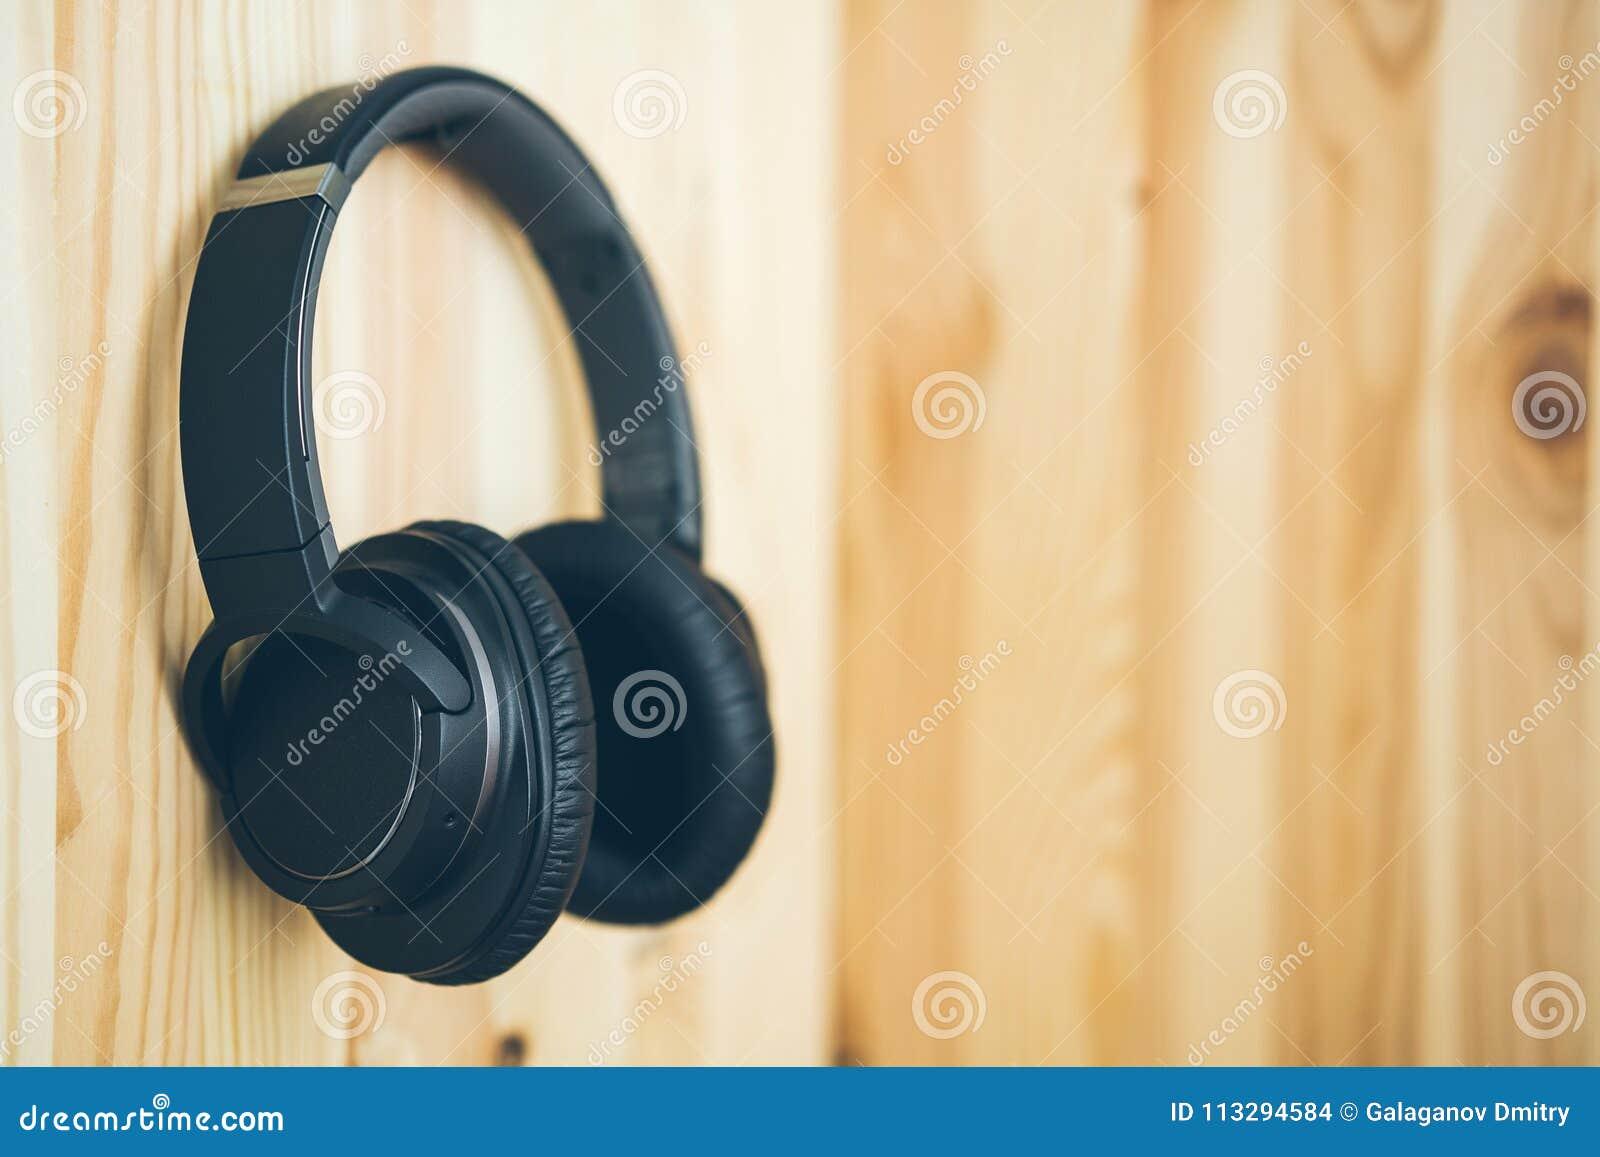 Les grands écouteurs sans fil noirs accrochent sur le clou sur un mur en bois naturel